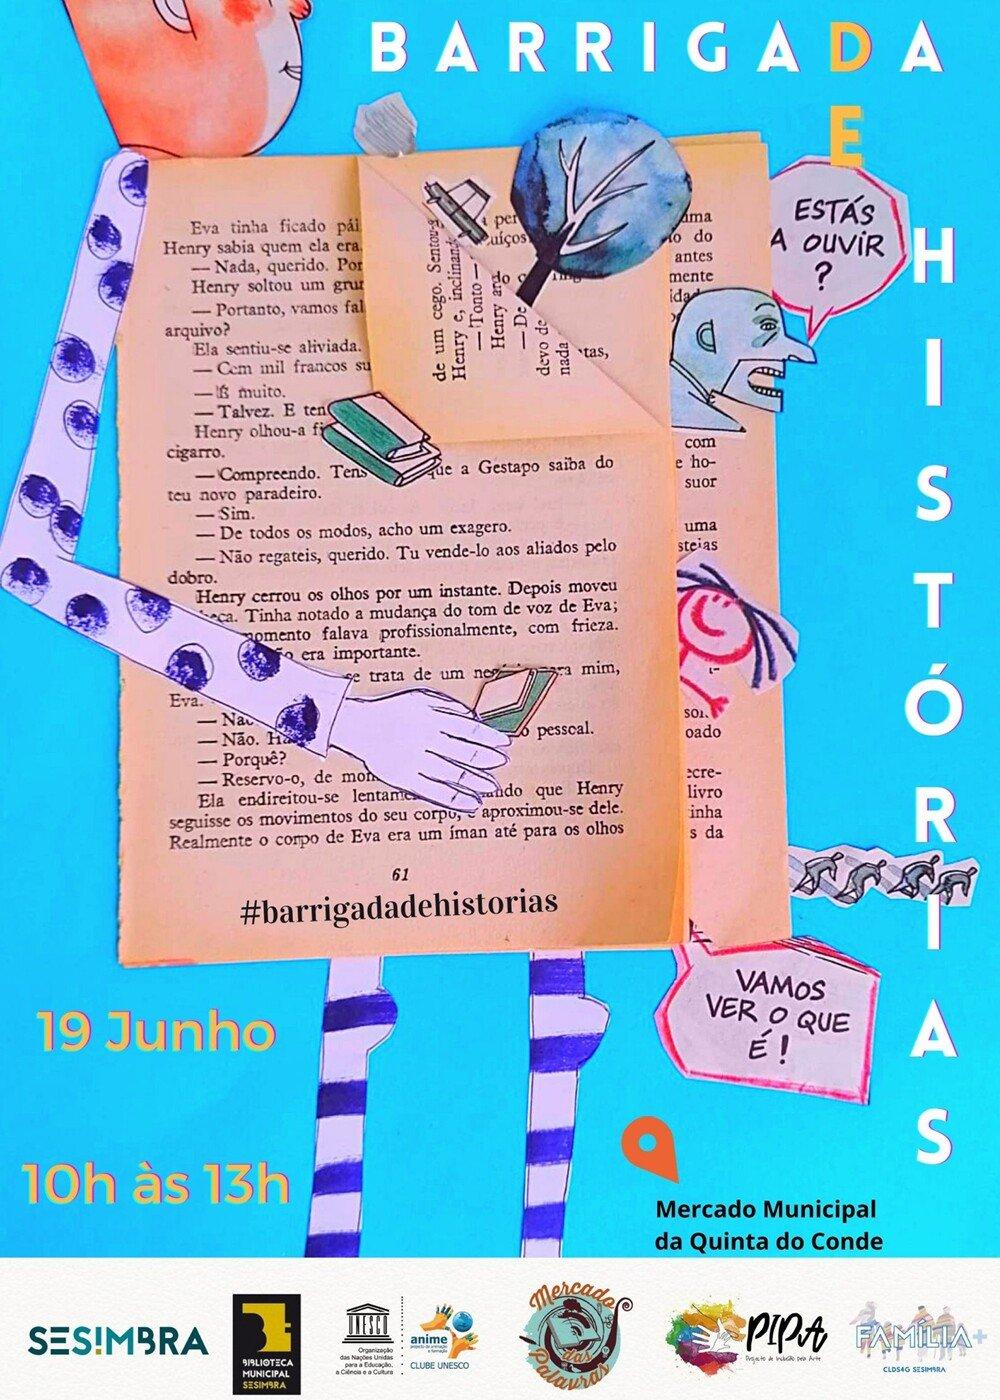 Barrigada de Histórias - AVISO: Procuram-se Contadores de Histórias